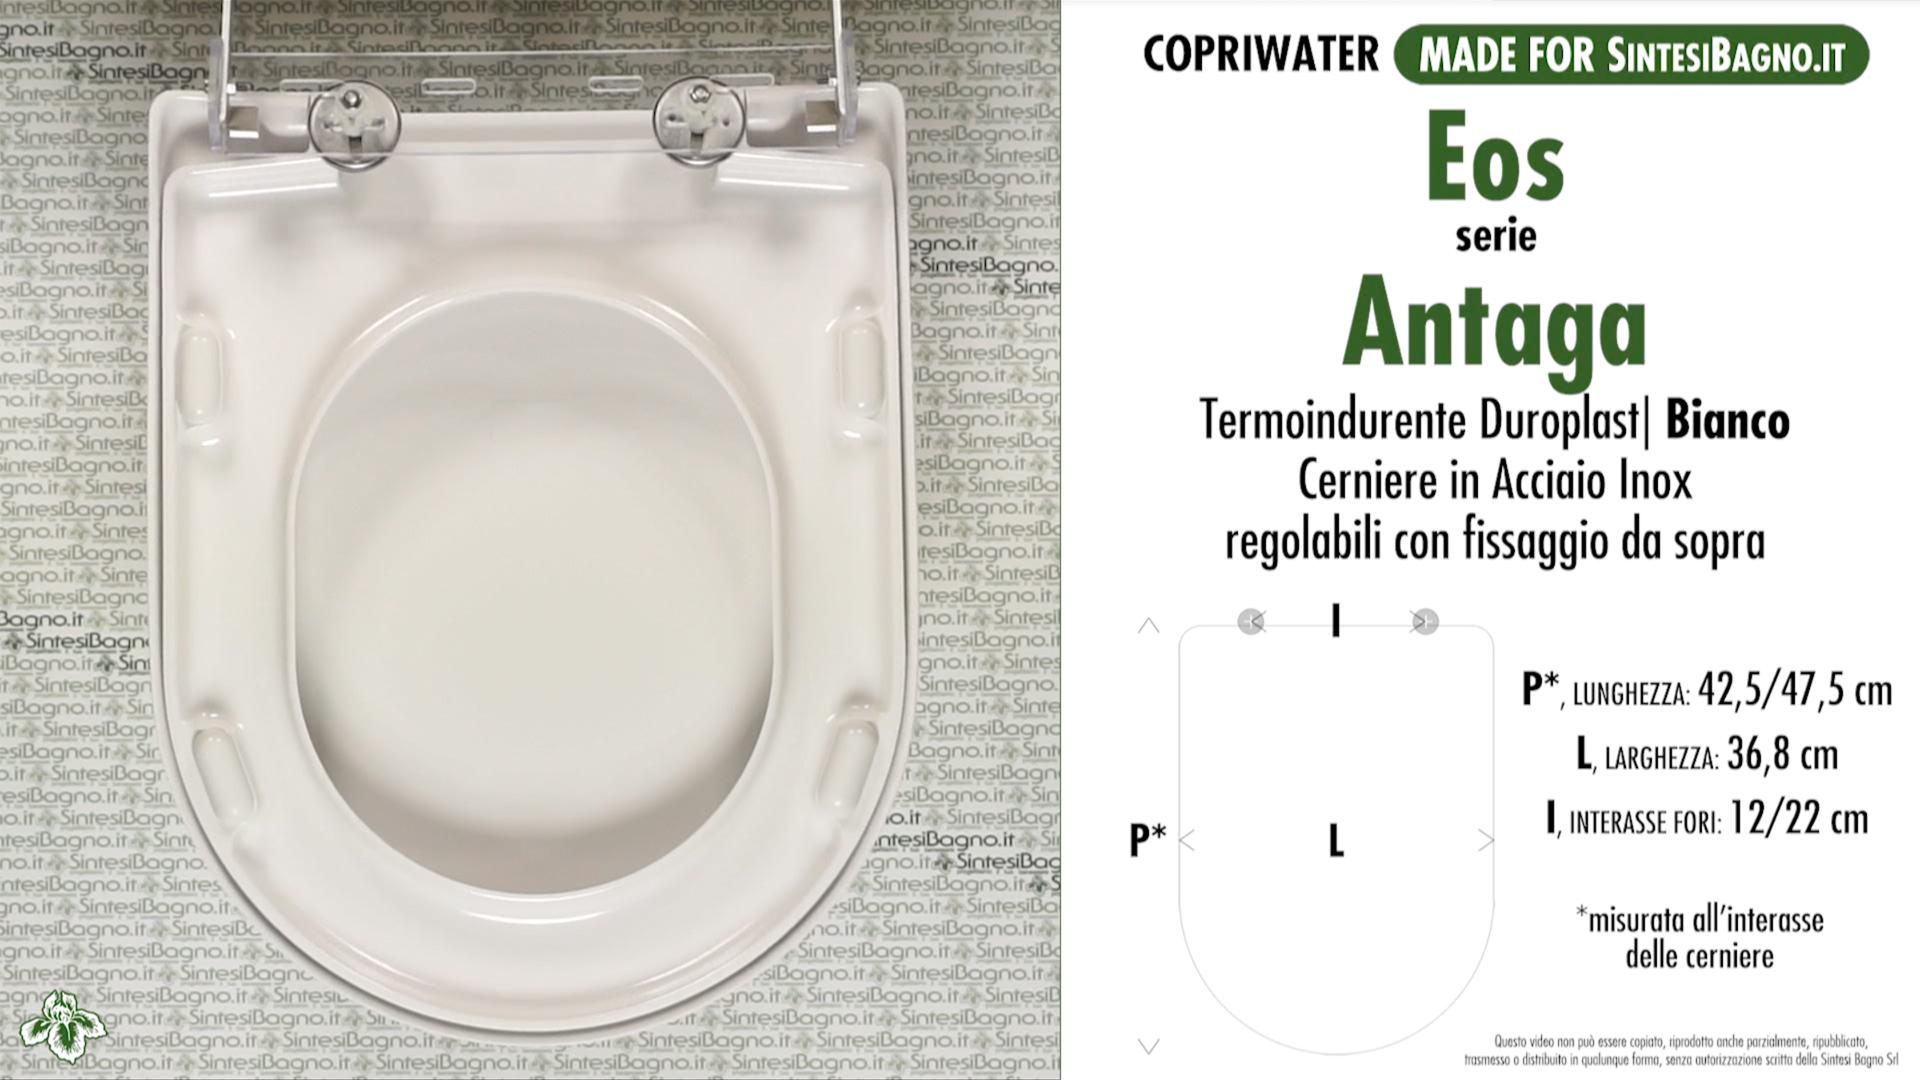 SCHEDA TECNICA MISURE copriwater EOS ANTAGA